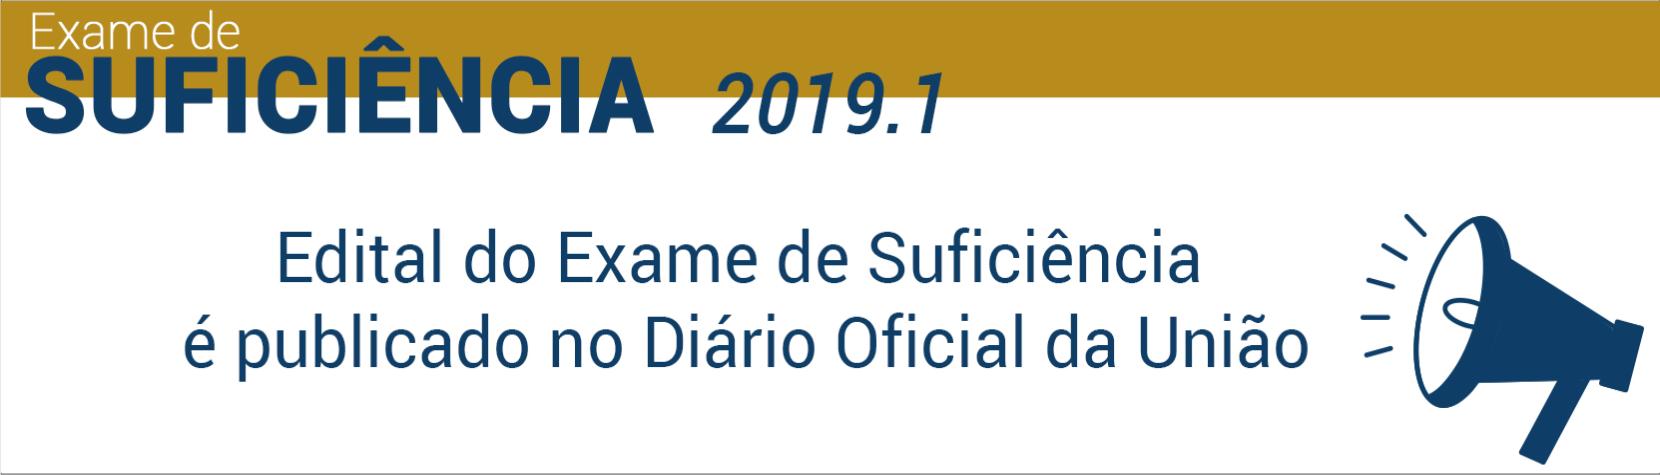 Publicado edital do 1º Exame de Suficiência de 2019